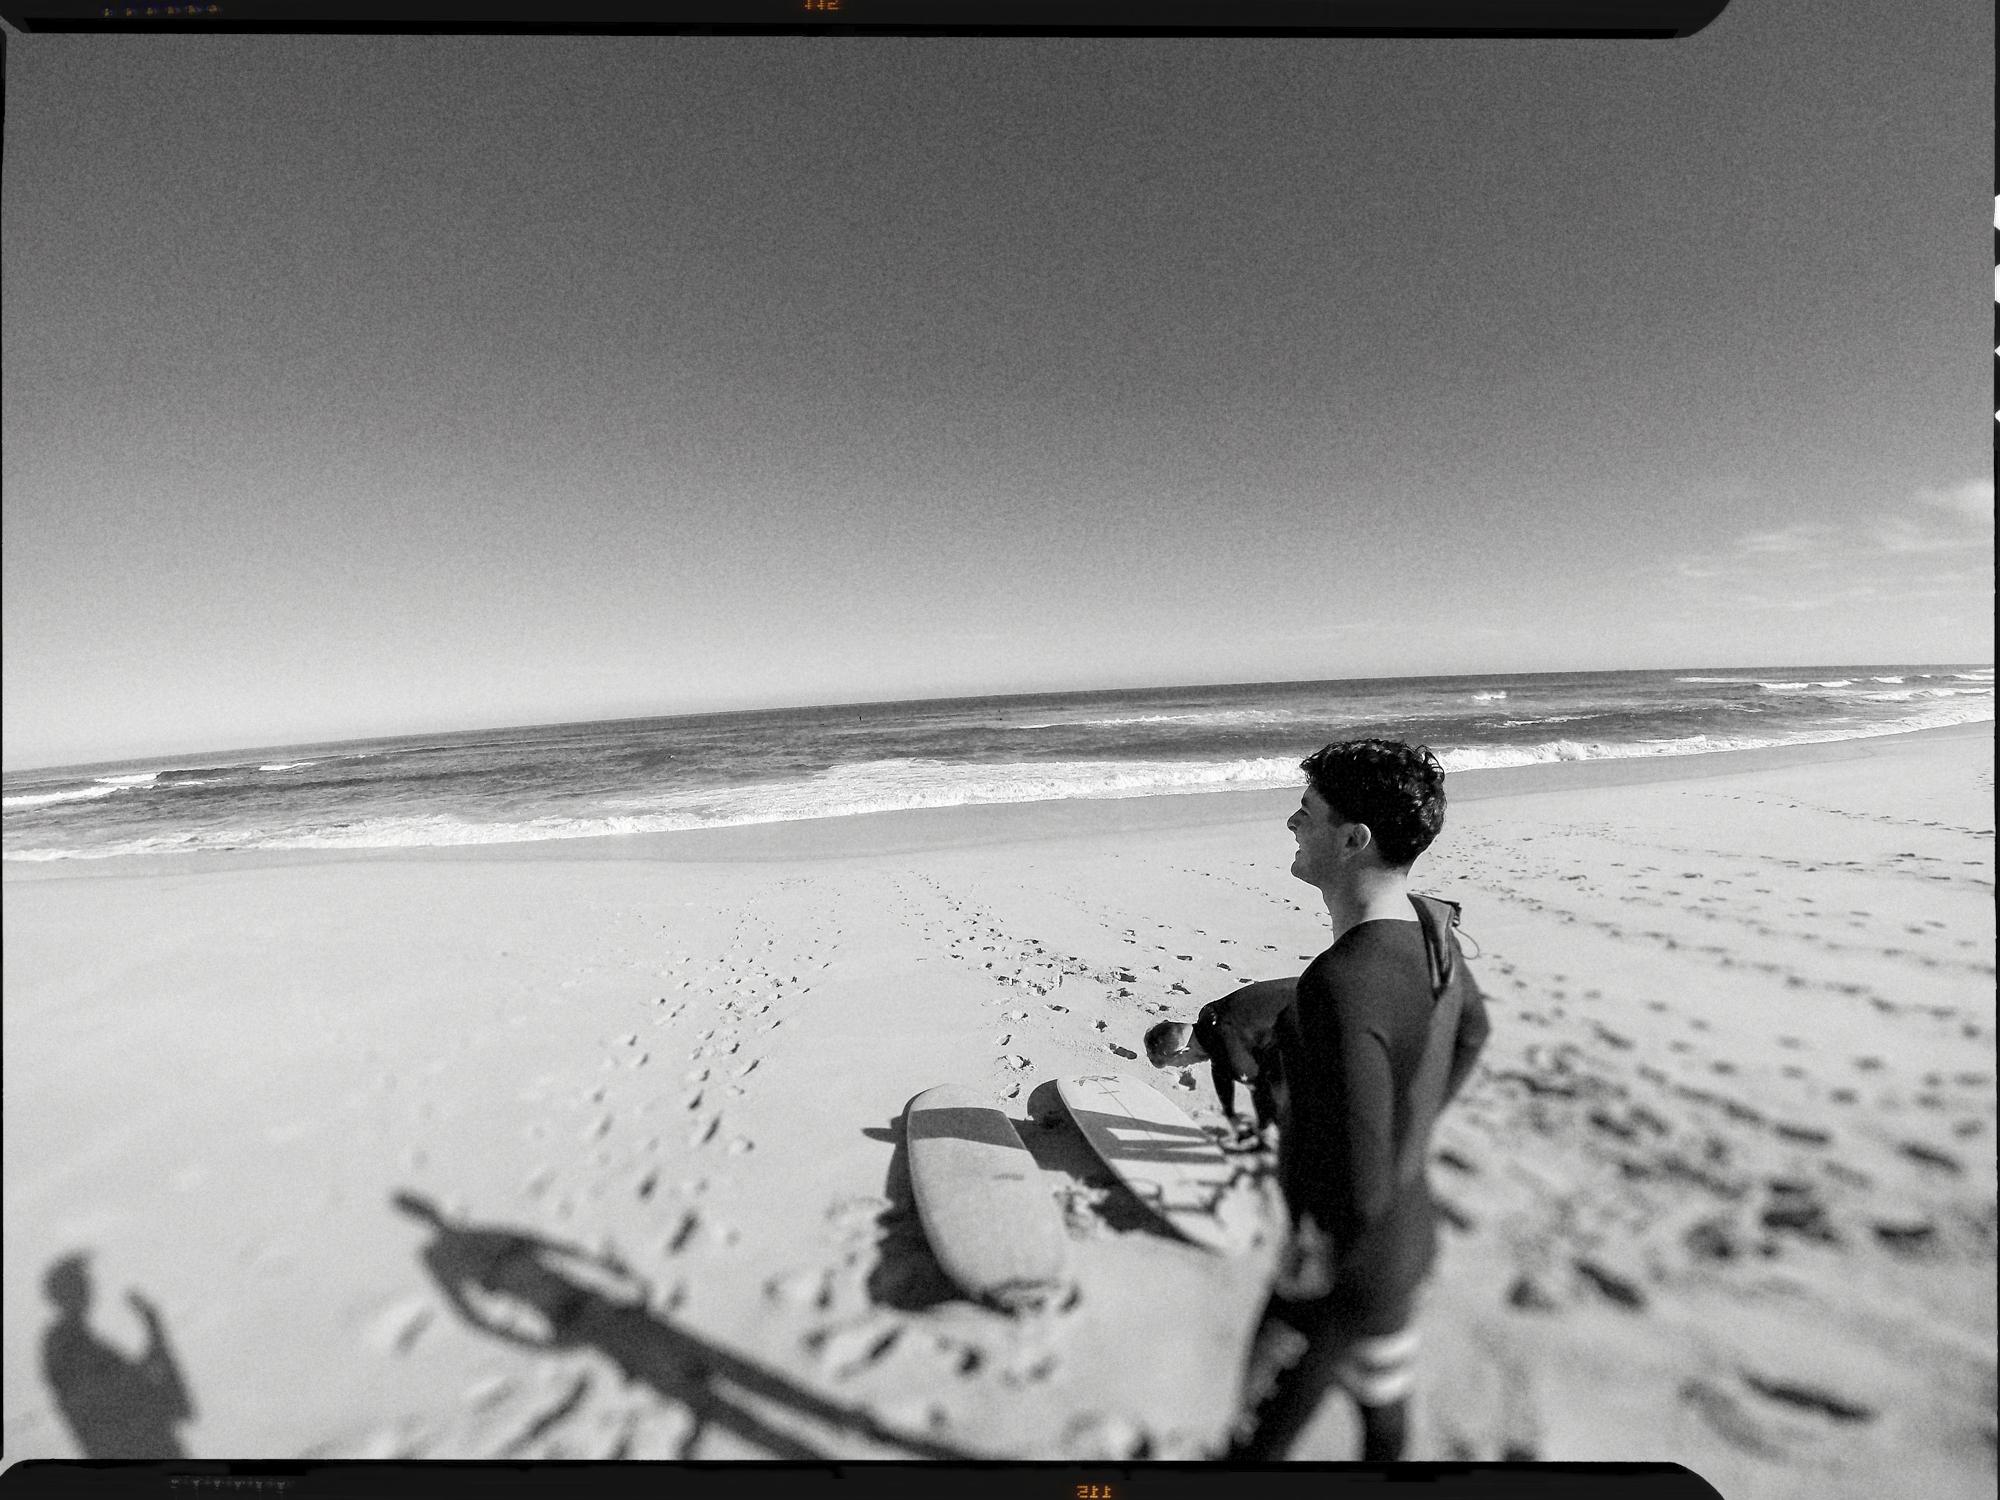 Surfing-211.jpg